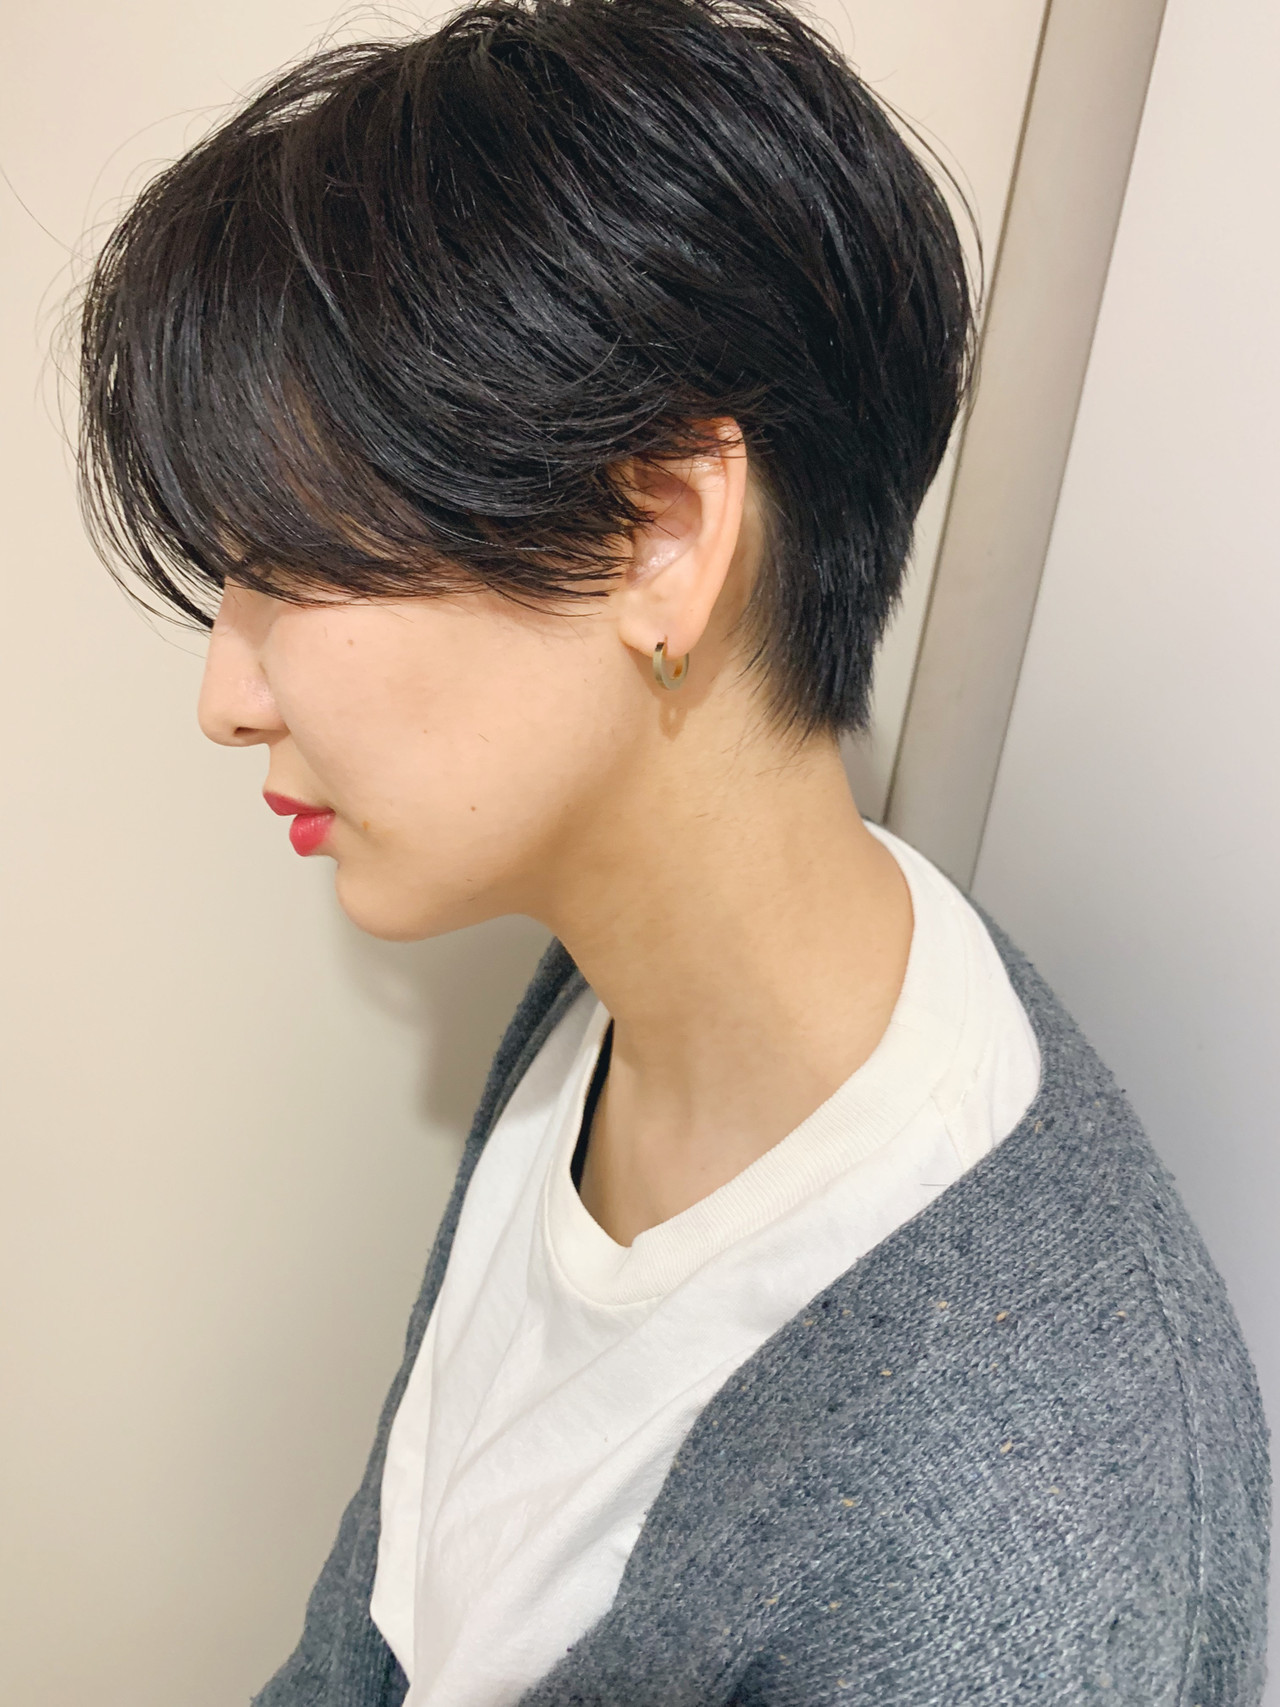 黒髪ショート ナチュラル ショートカット 前下がりショート ヘアスタイルや髪型の写真・画像